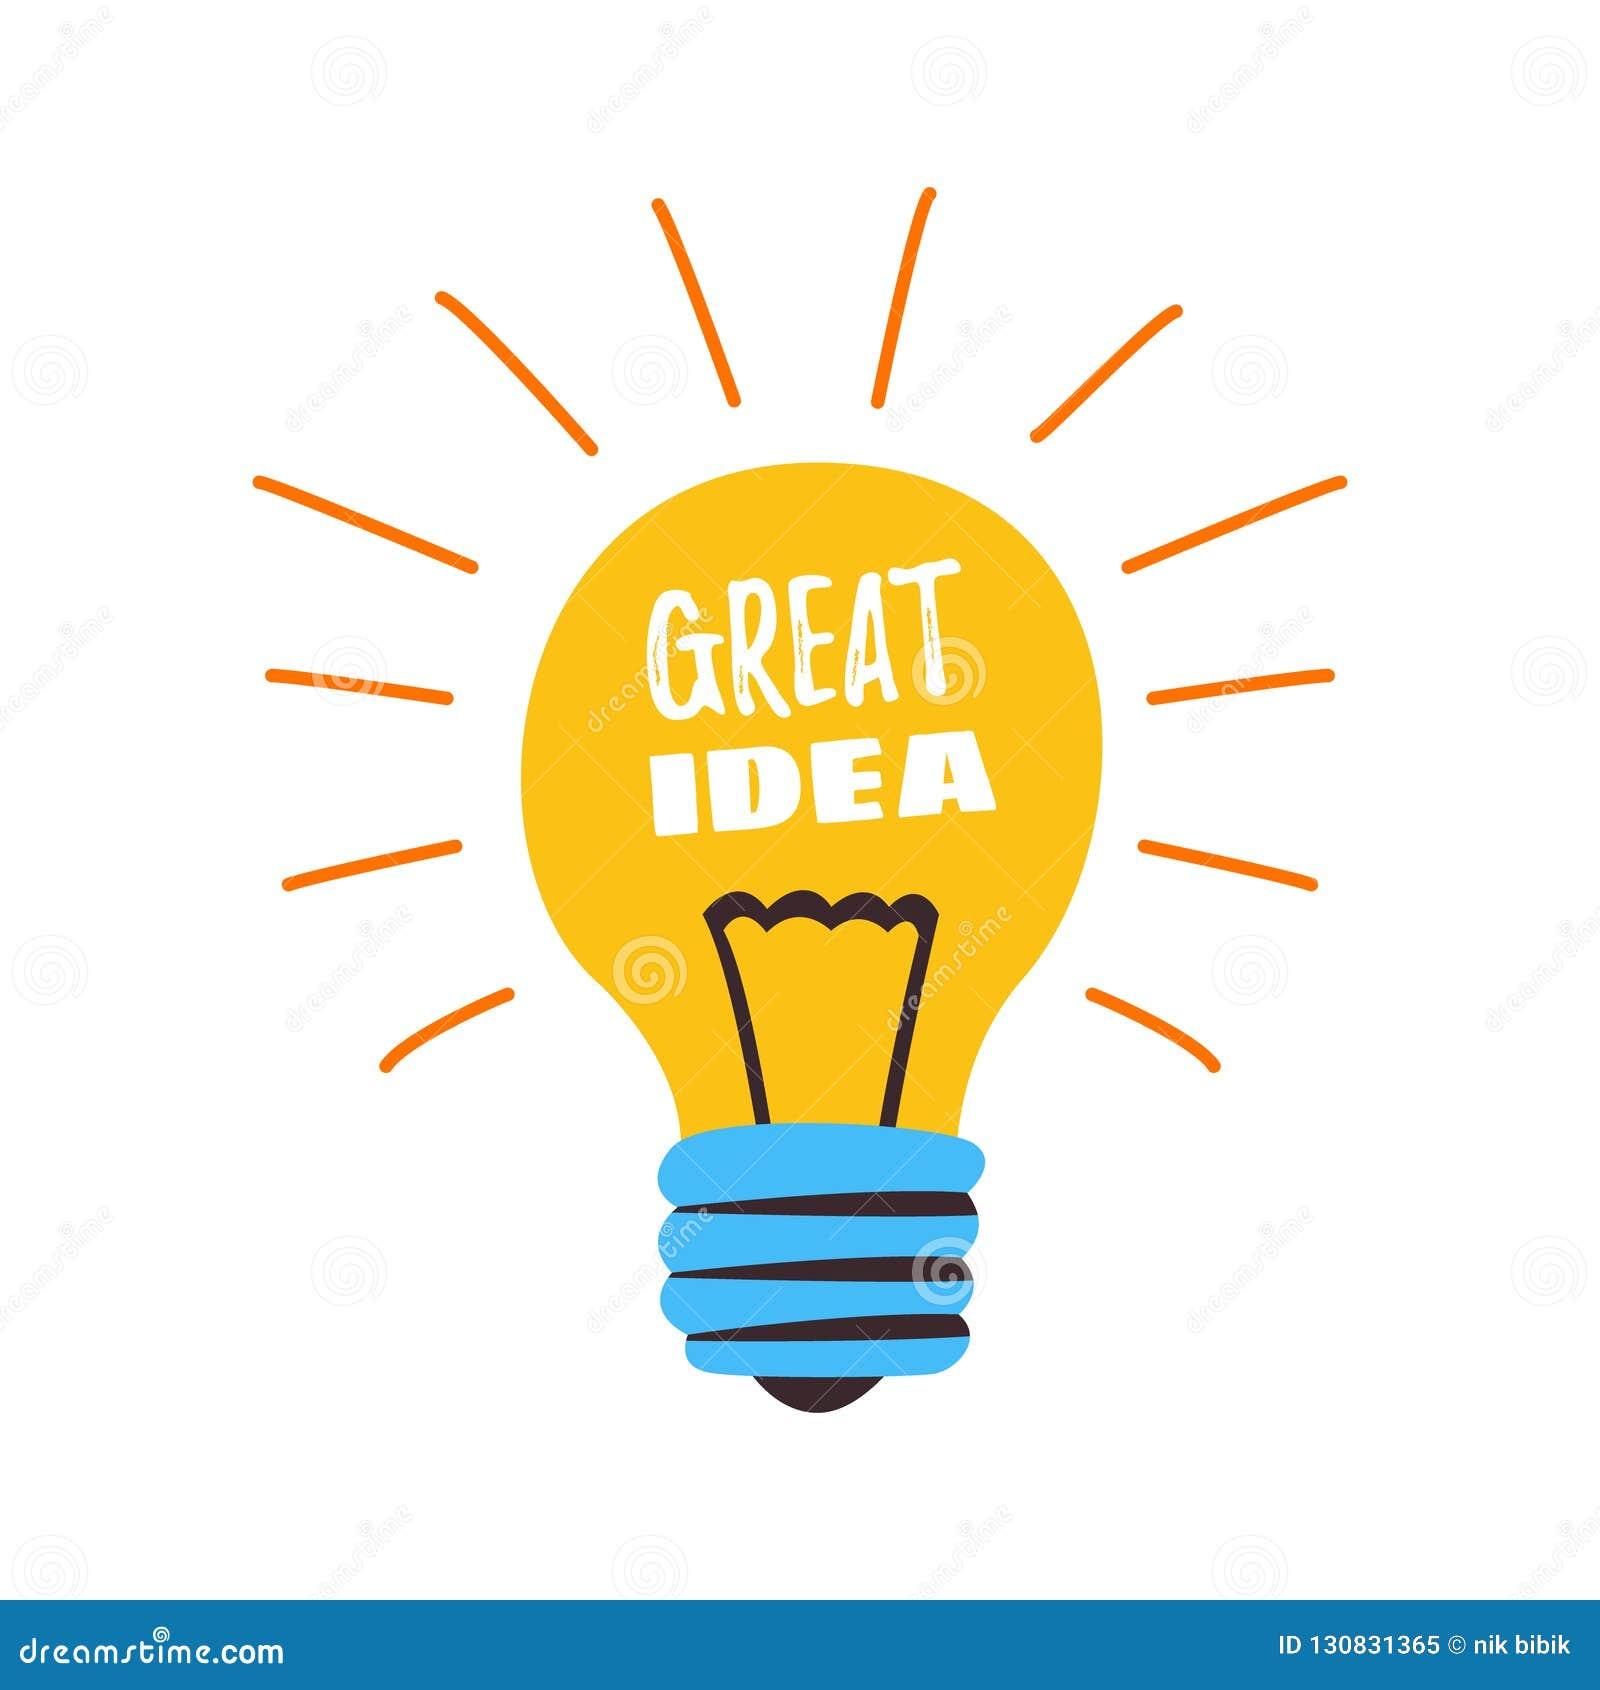 It is a great idea